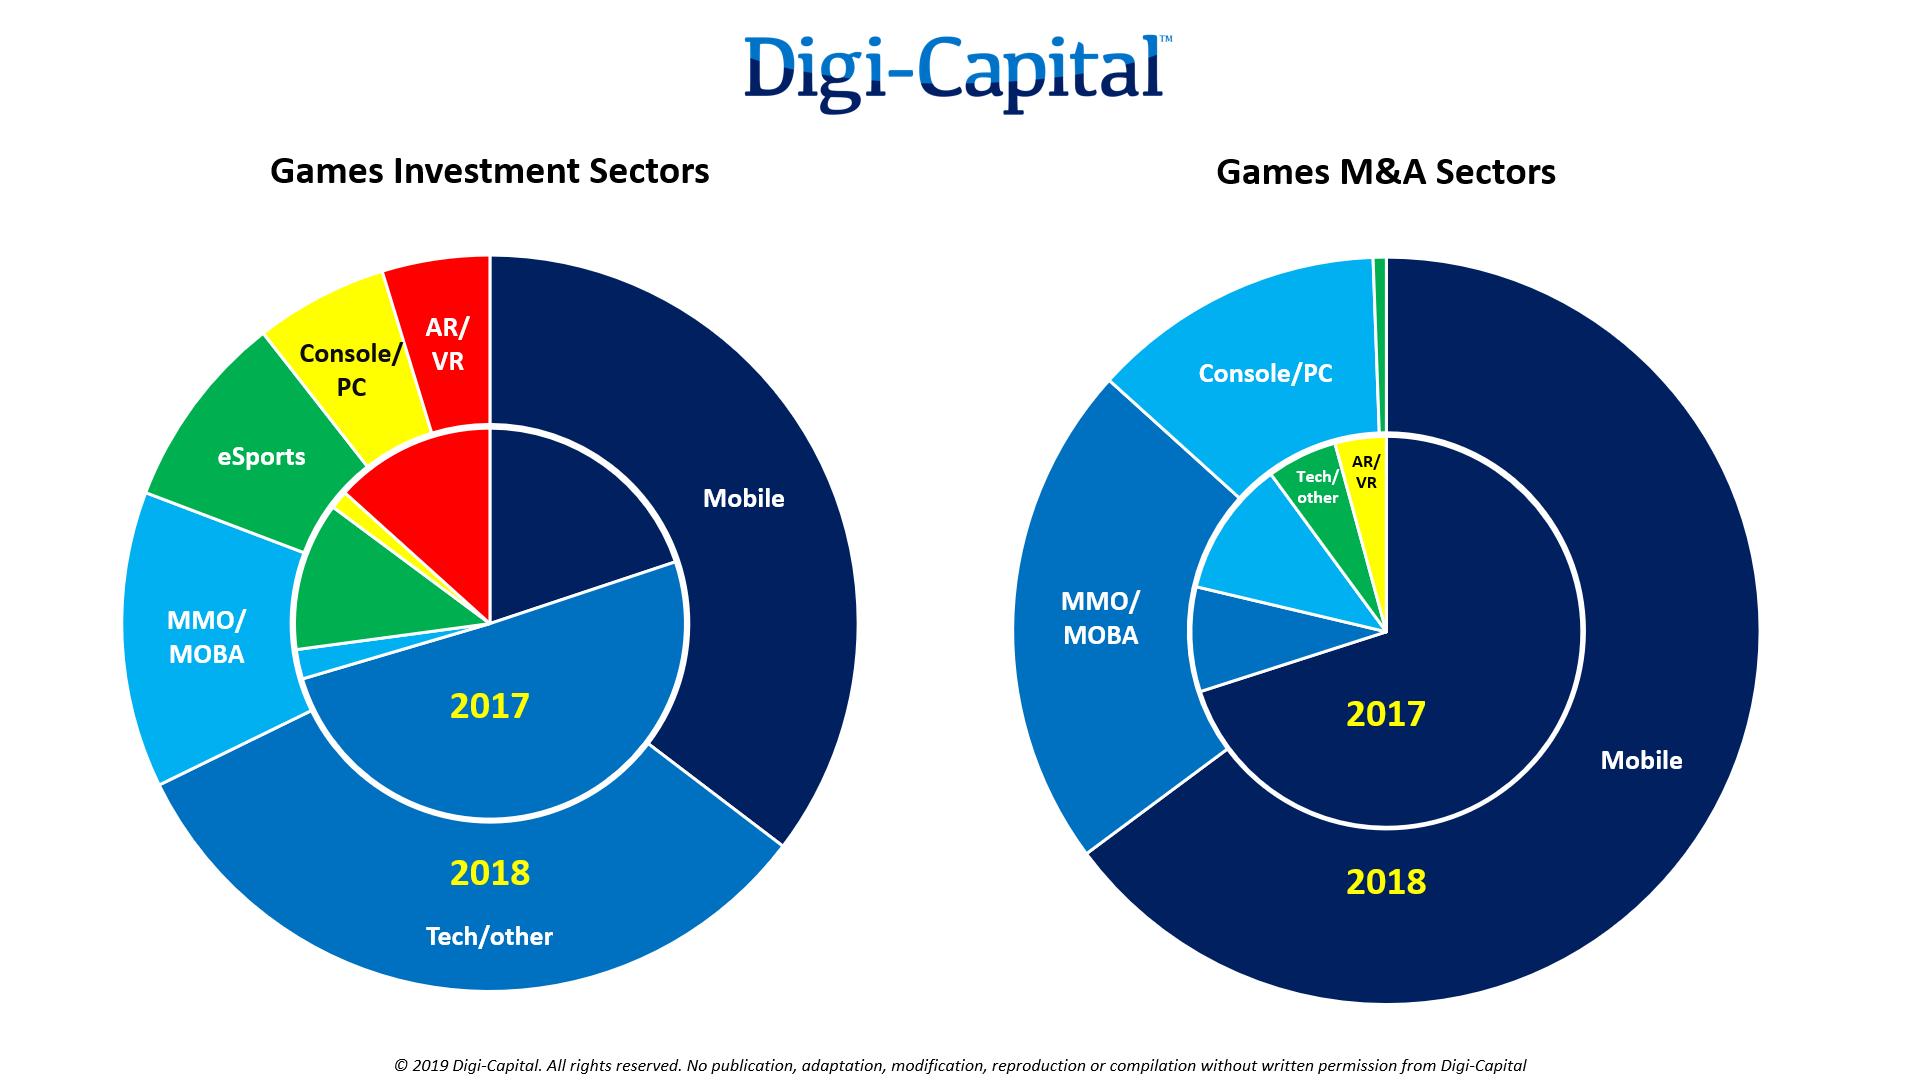 Source: Digi-Capital Games Report Q1 2019